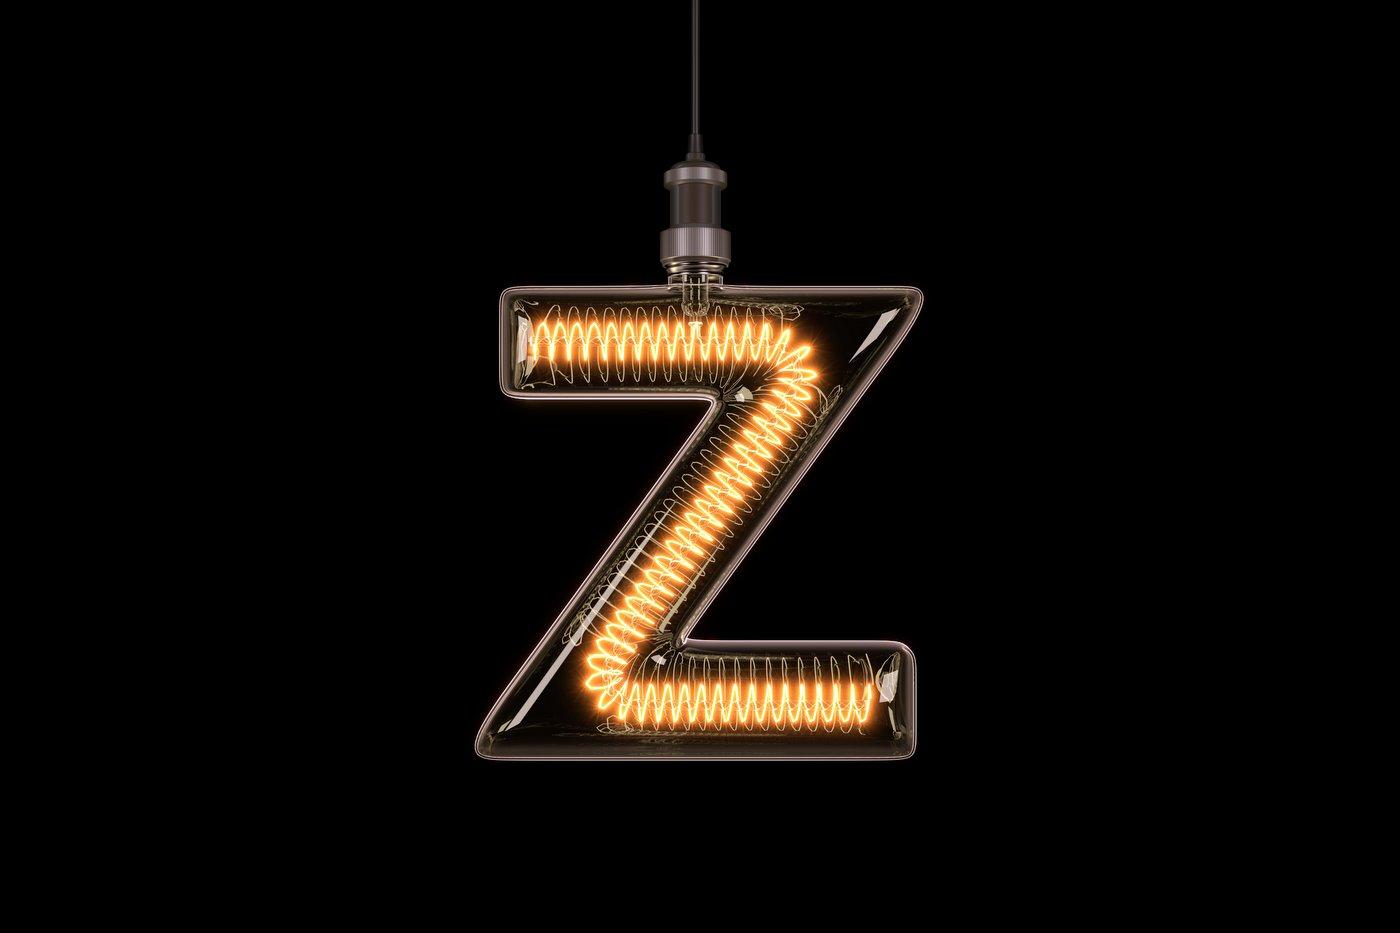 Lit-up letter Z or zed